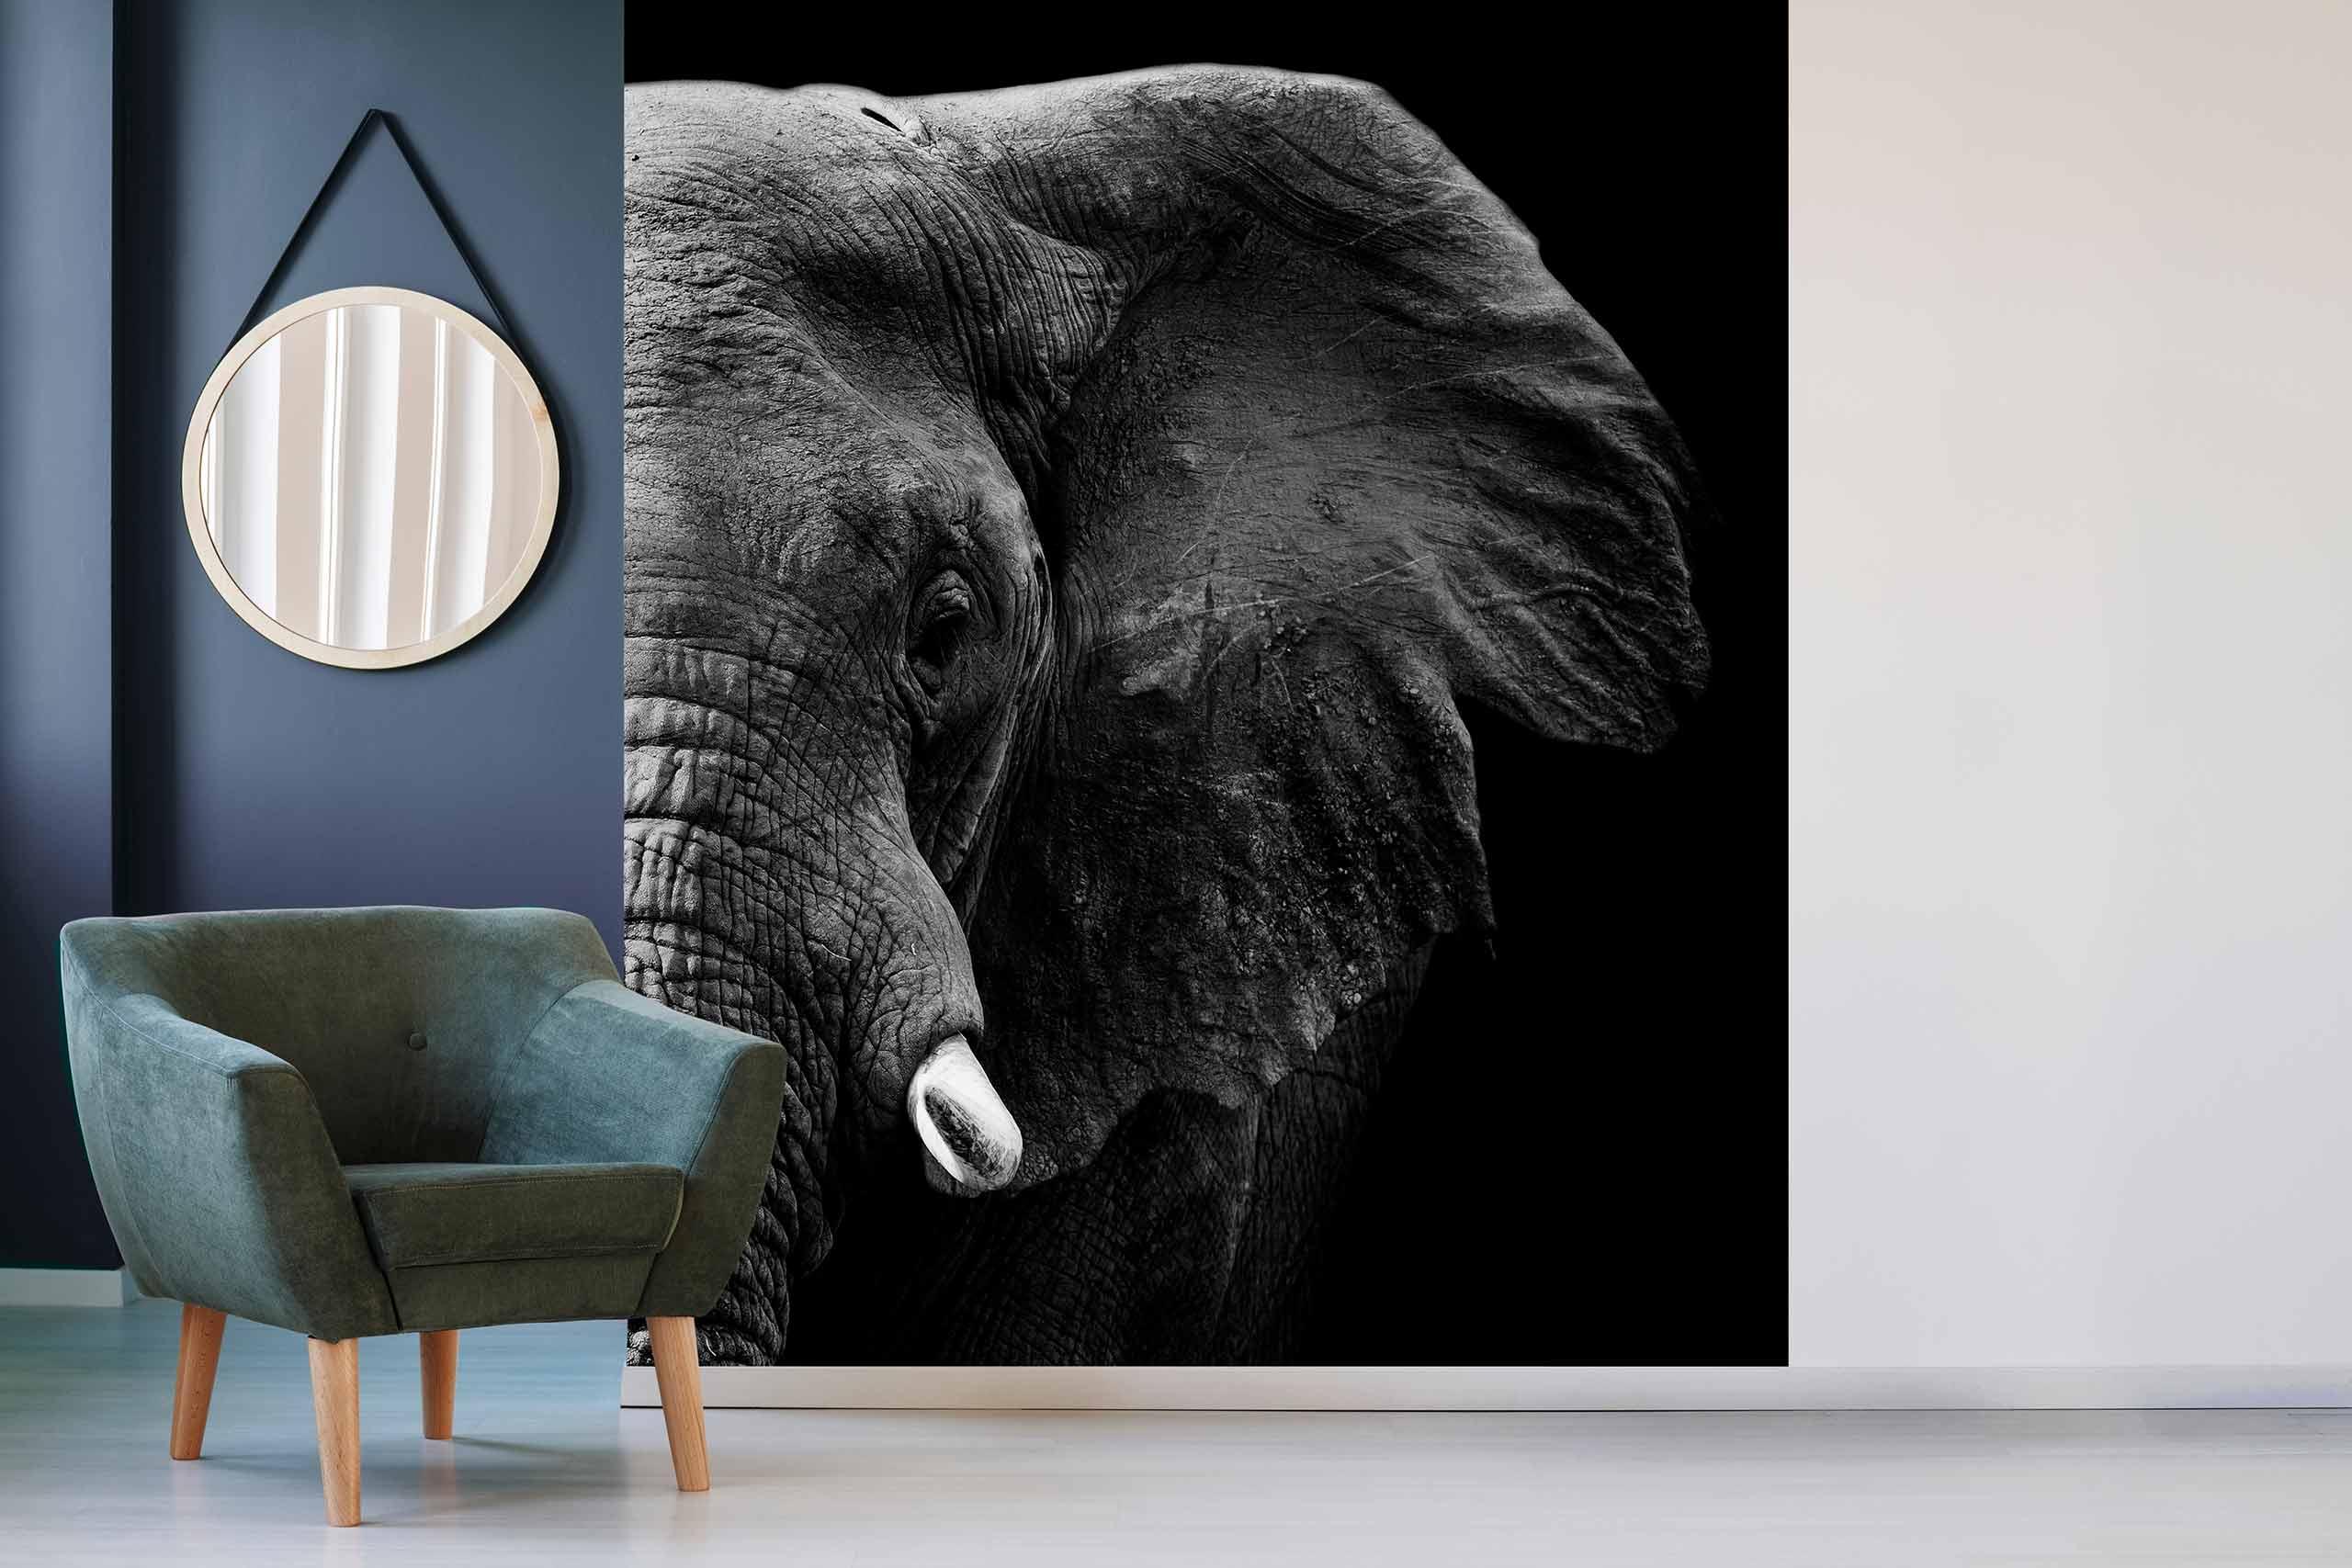 Vlies Tapete 225 Fototapete Höhe 250cm Motiv 104 Elefant Schwarz-Weiß